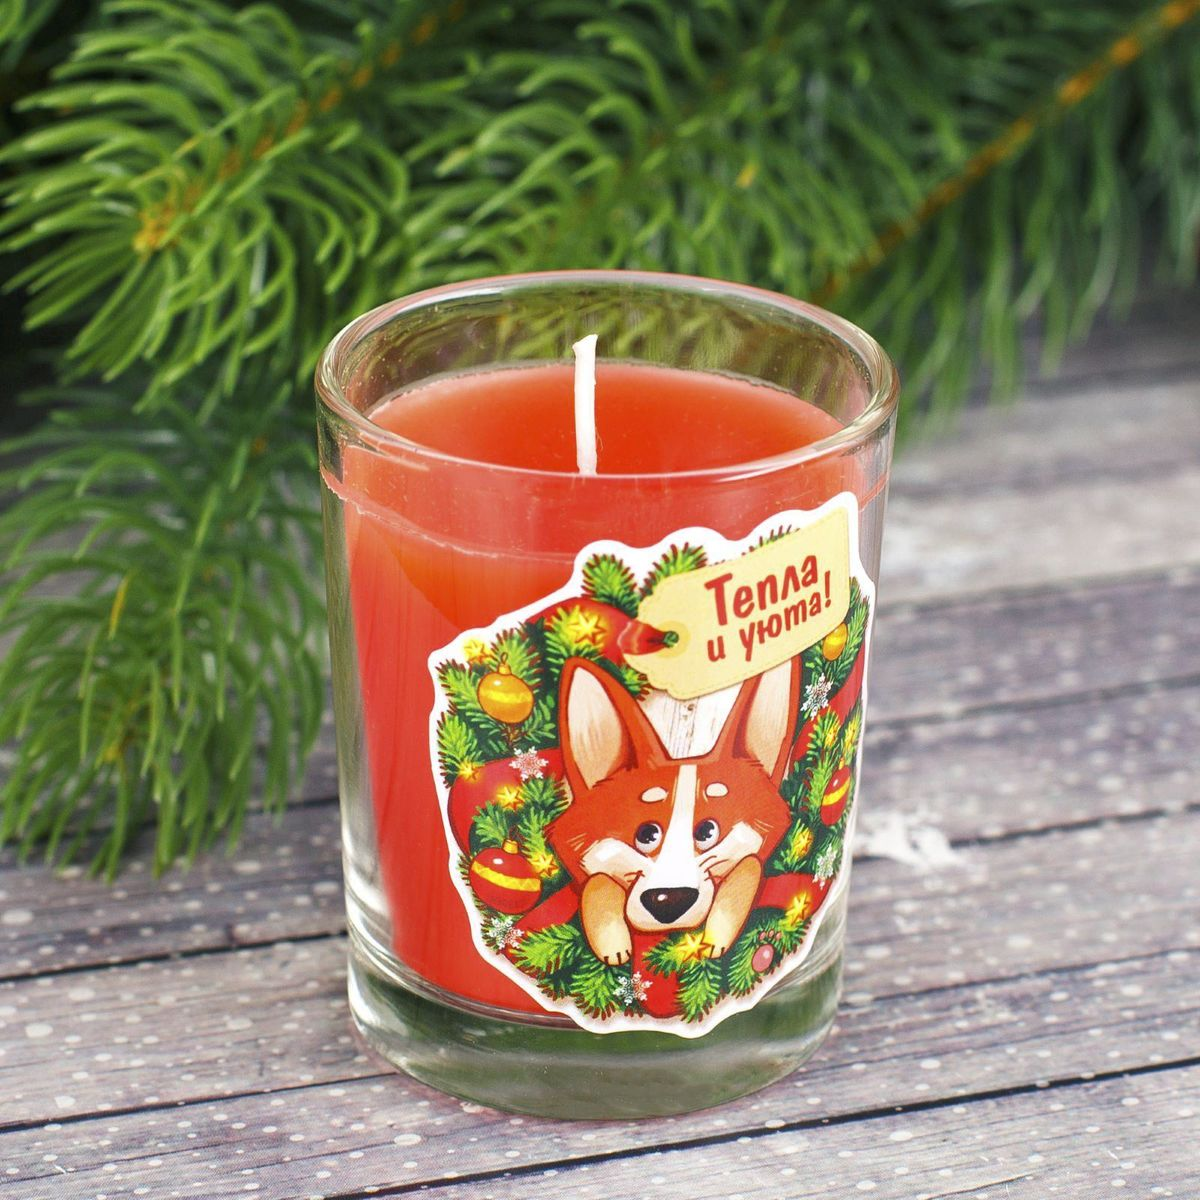 Свеча ароматизированная Sima-land Тепла и уюта, цвет: красный, высота 6,5 см счетчики тепла в квартиру